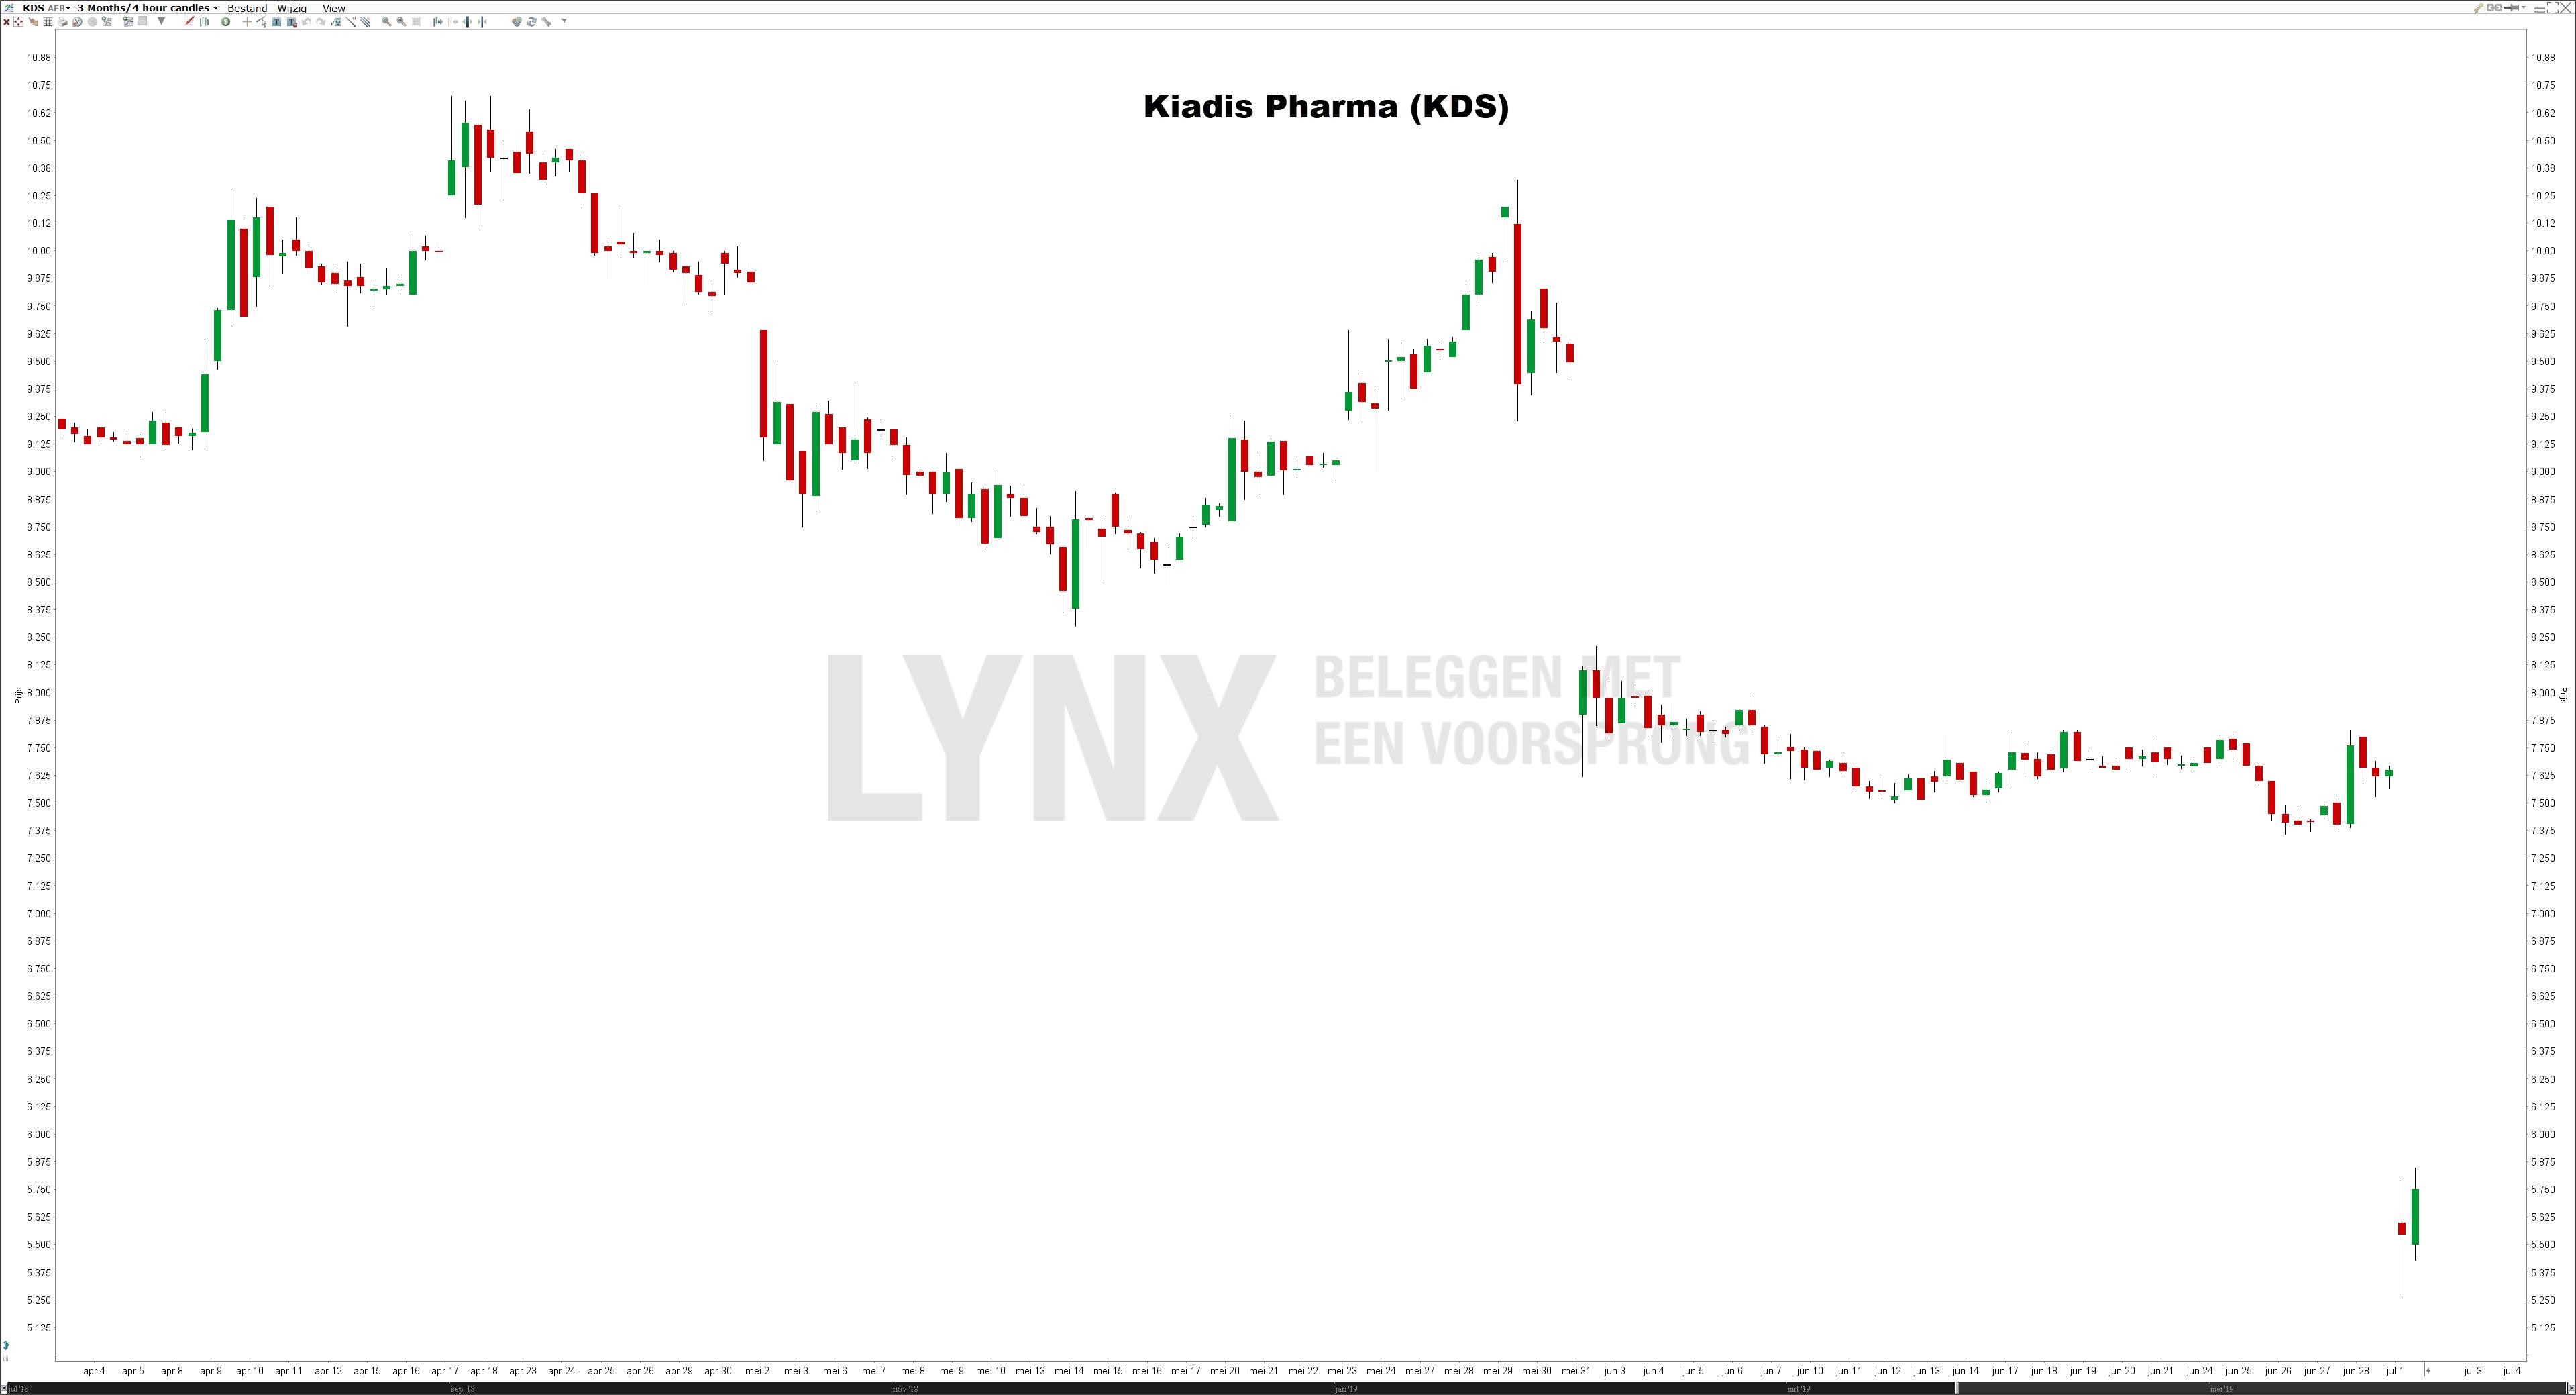 Aandeel Kiadis Pharma | Koers Kiadis Pharma na uitspraak EMA